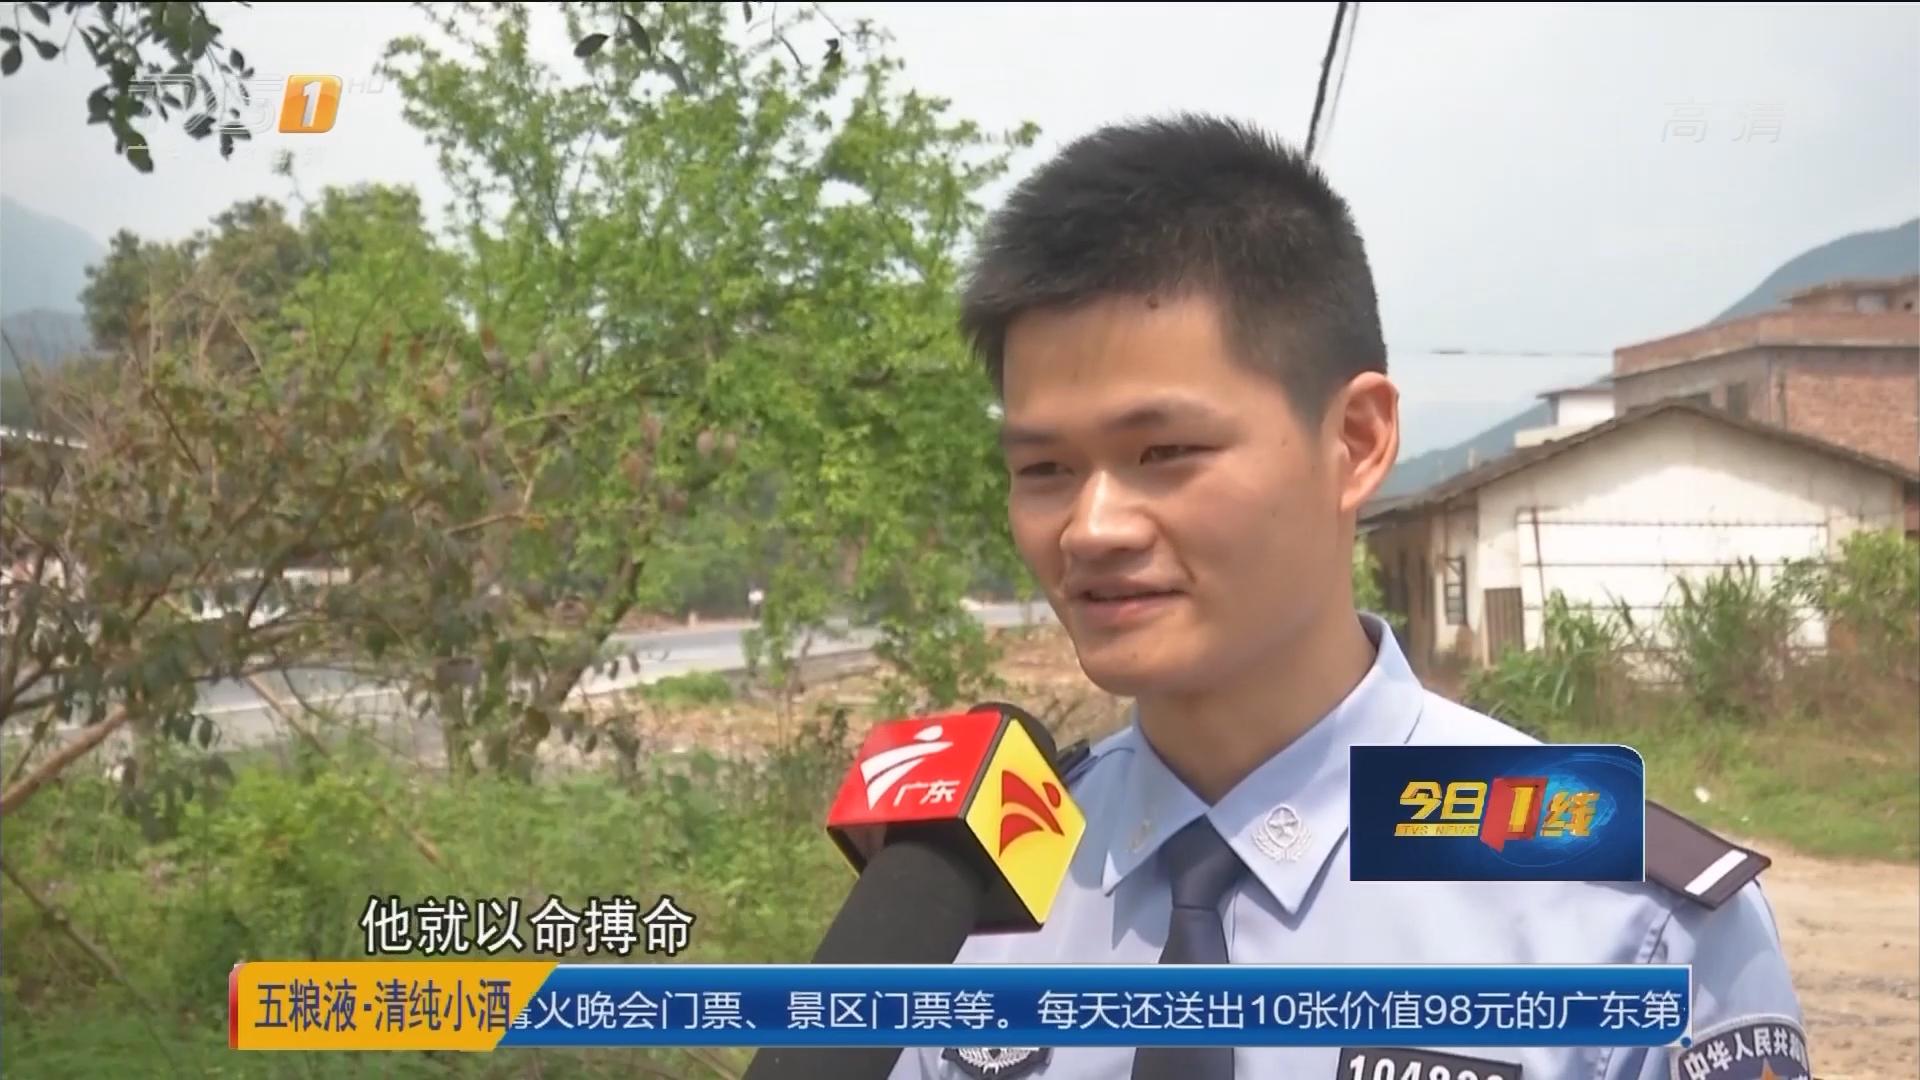 韶关新江镇:被举报乱伐林地 嫌犯人报复行凶